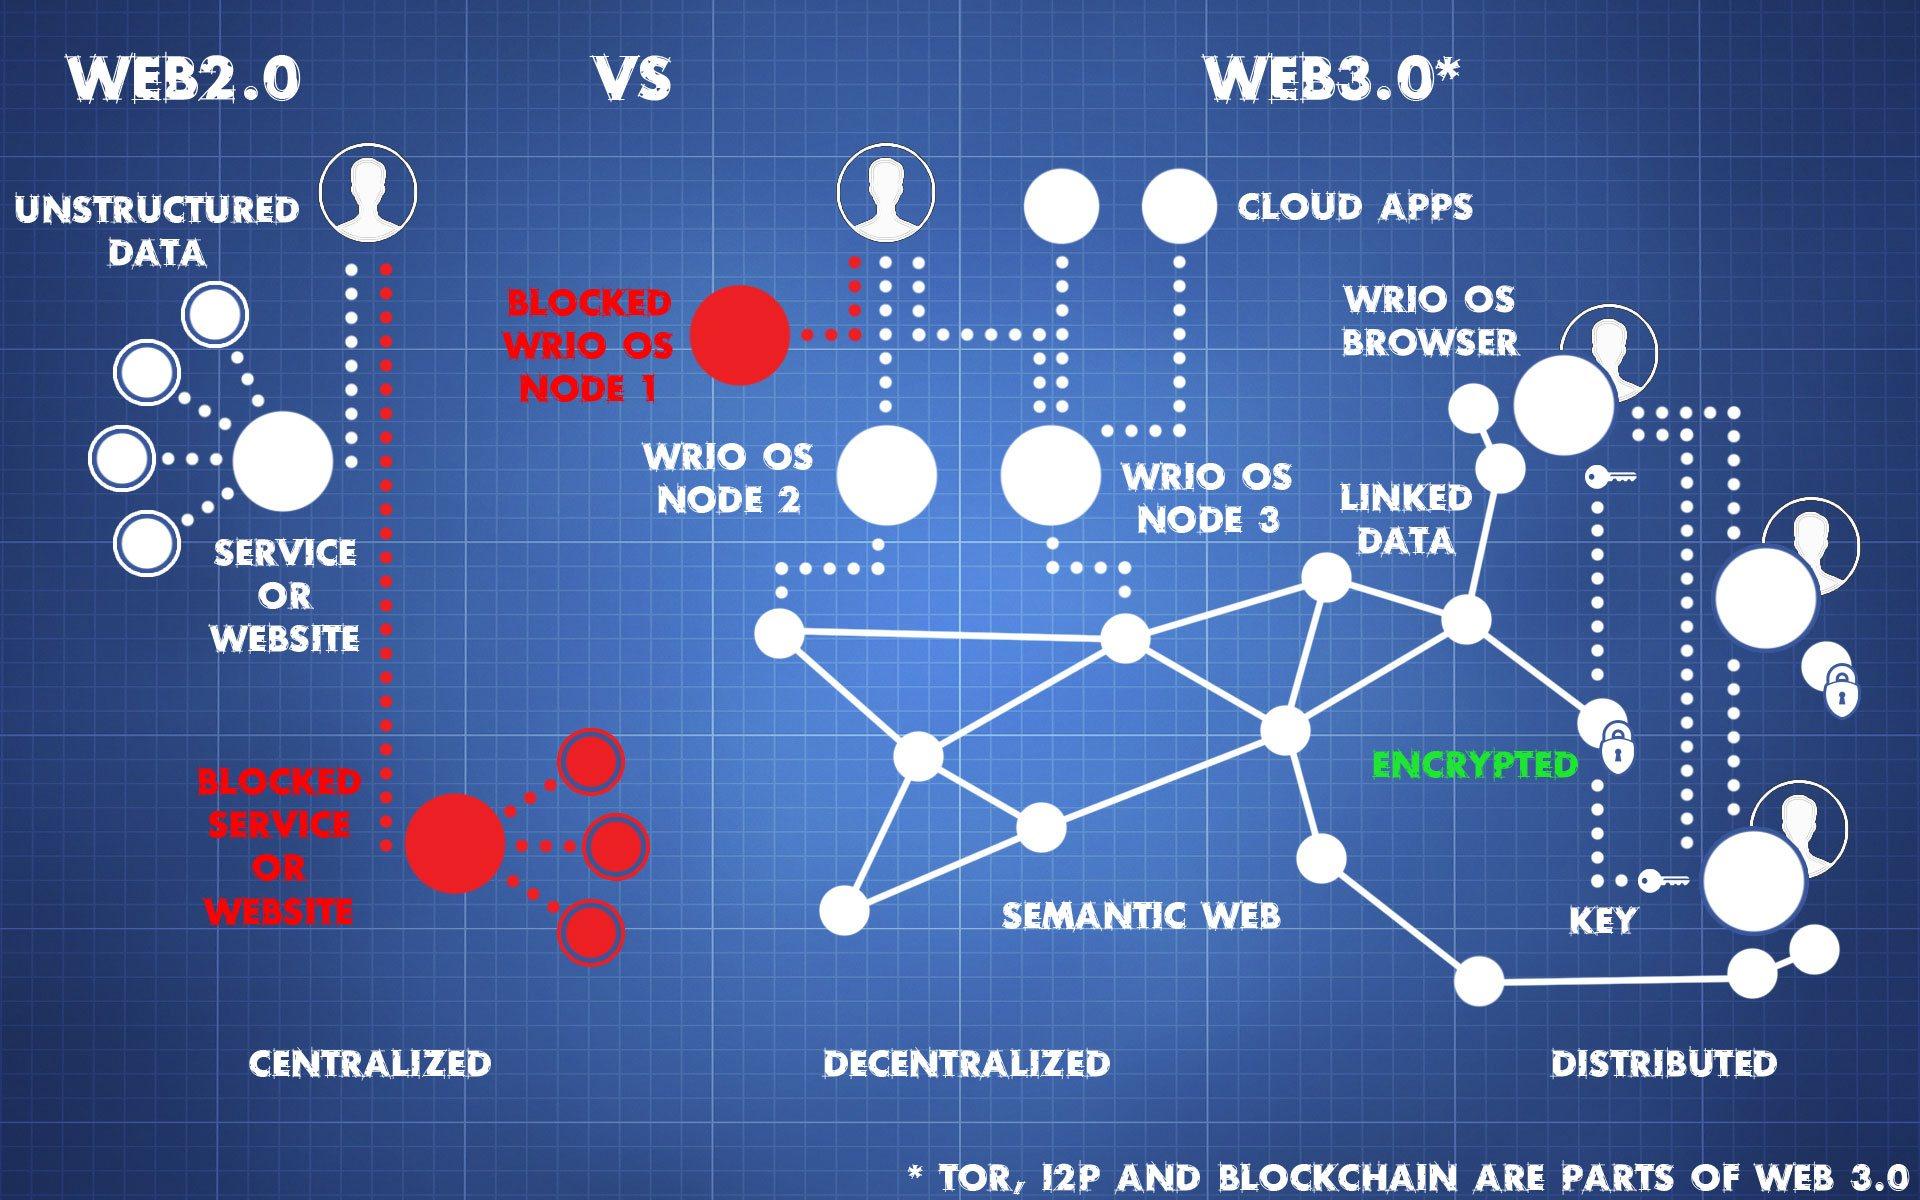 %D8%A8%D9%84%D9%88%D9%83-%D8%AA%D8%B4%D9%8A%D9%86 هكذا ستنقلنا تقنية بلوك تشين من الويب 2.0 إلى الويب 3.0